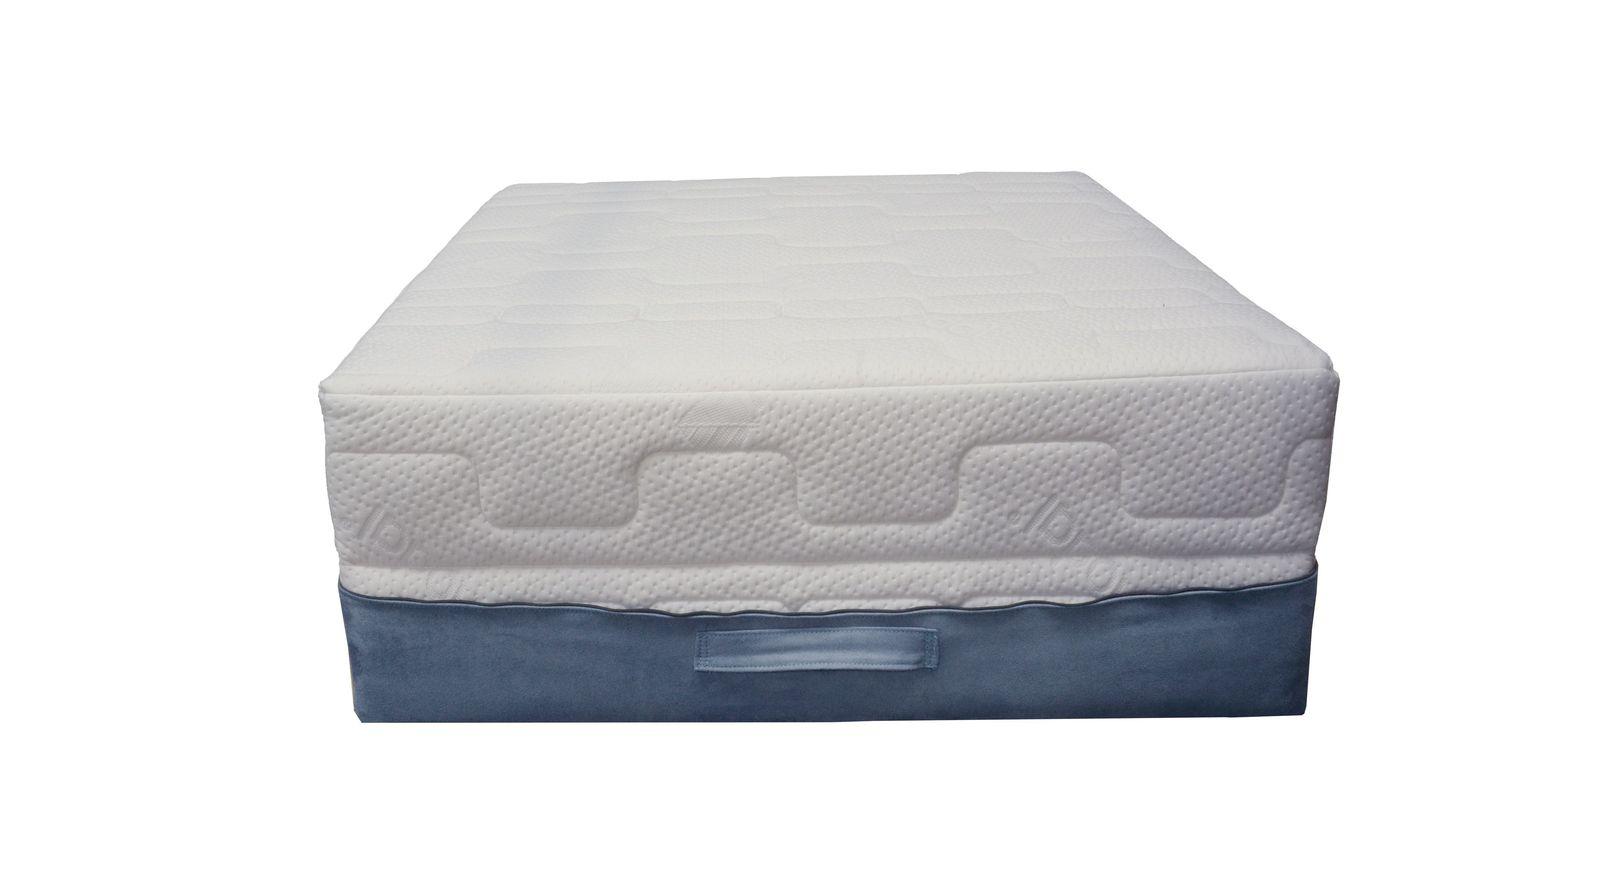 Schutzhülle für Matratze dreiteilig mit praktischem Reißverschluss